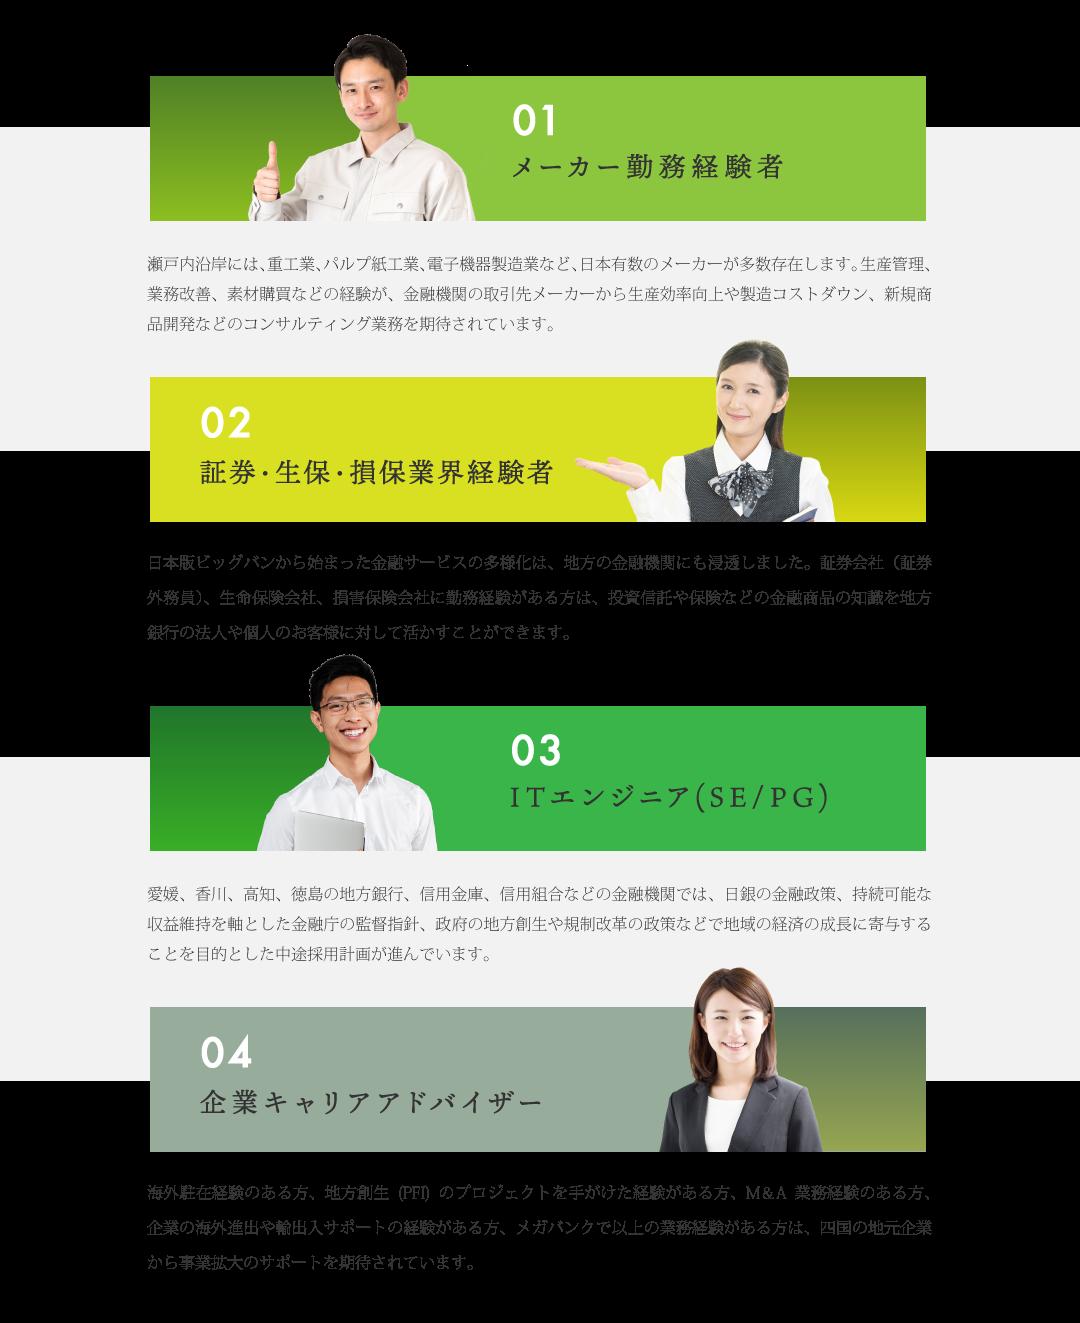 メーカー勤務経験者/証券・生保・損保業界経験者/ITエンジニア SE、PG/企業キャリアアドバイザー